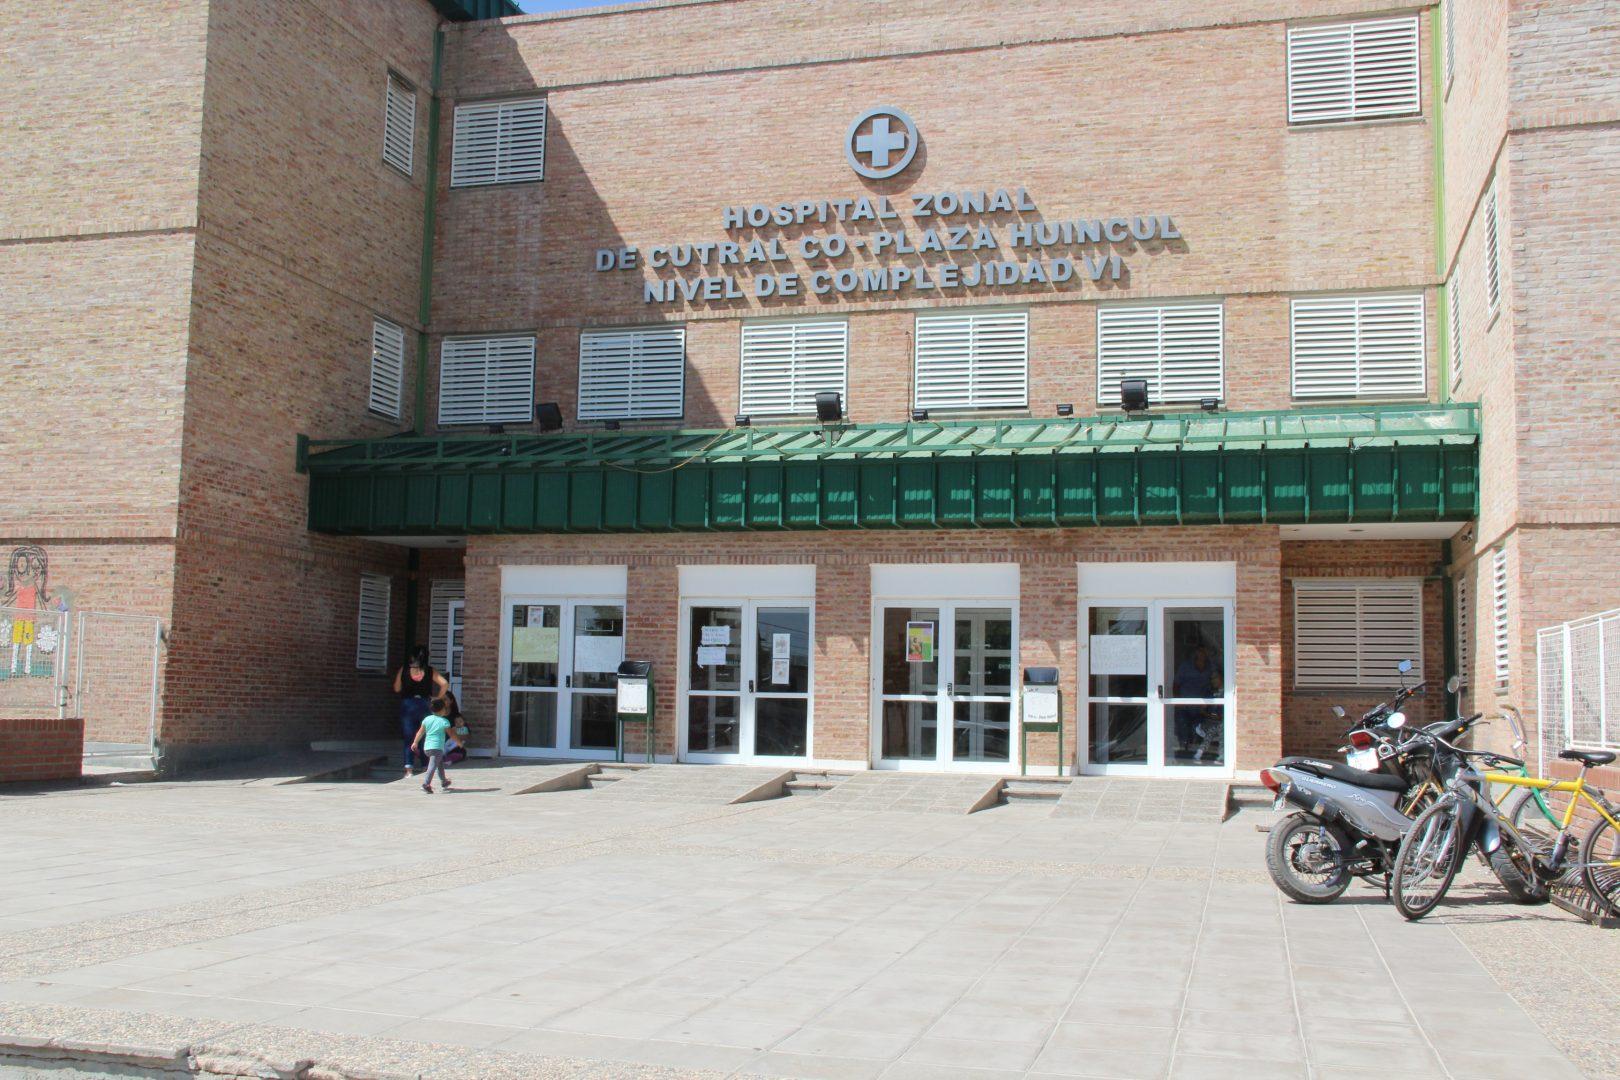 Banco-de-Leche-Humana_Hospital-de-Cutral-C%C3%B3-Plaza-Huincul_27-de-enero-de-2020-40-1620x1080